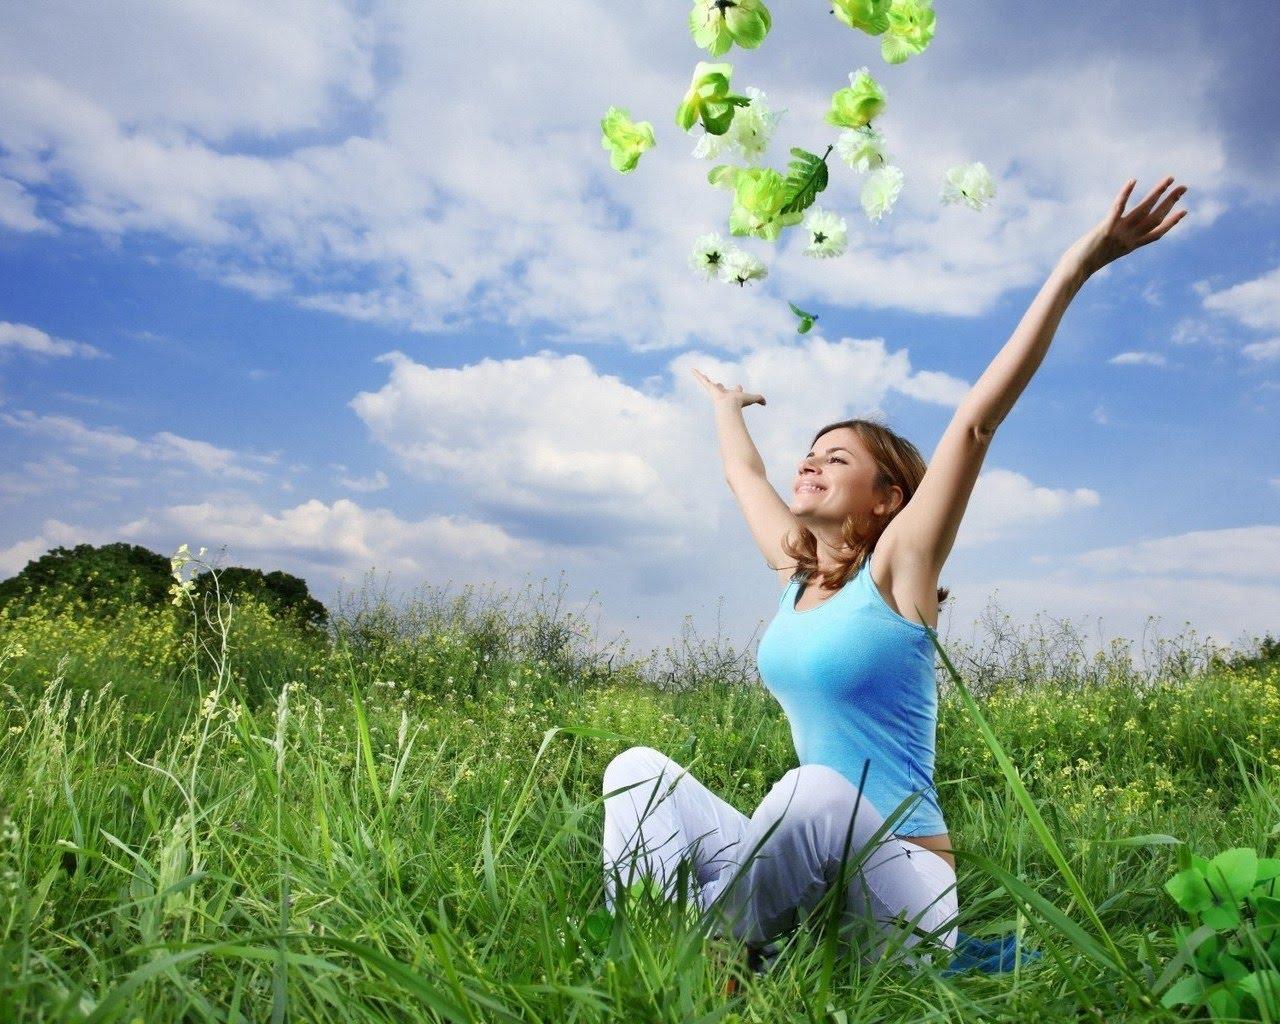 Взаимосвязь между ощущением счастья и здоровьем 11